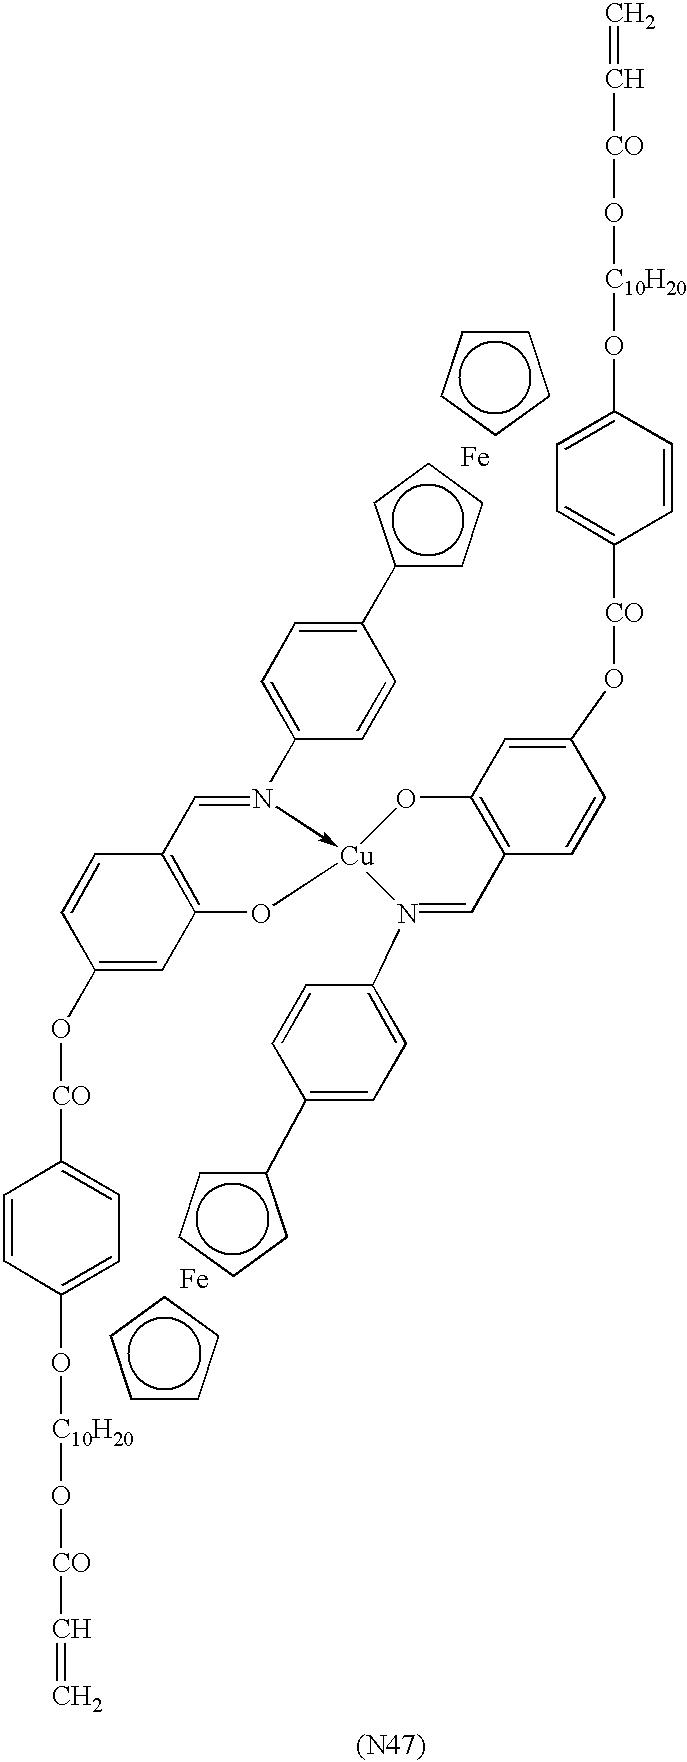 Figure US06583832-20030624-C00011